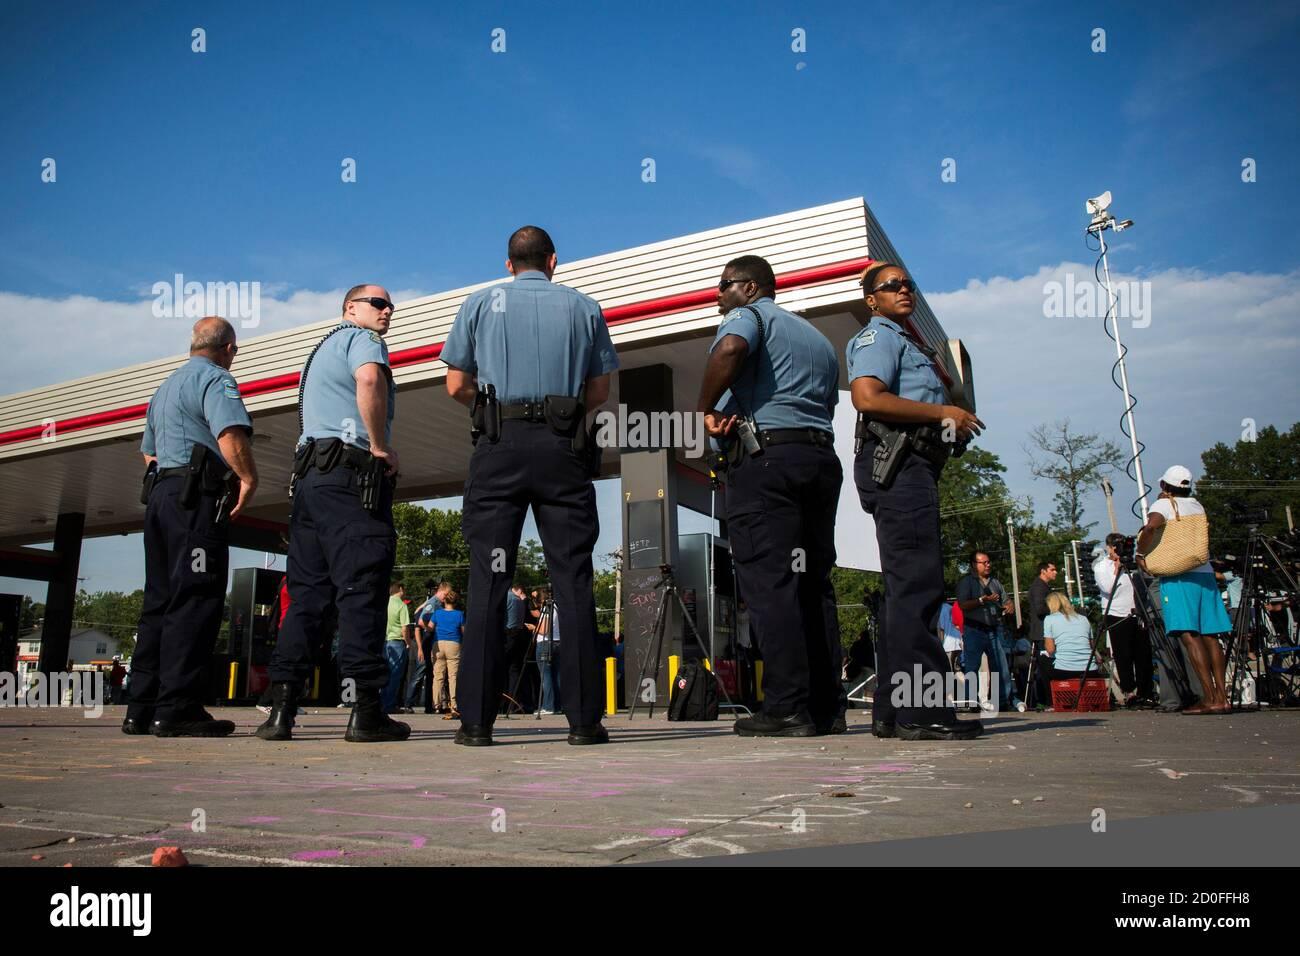 Polizisten stehen nach der Bekanntgabe des Namens des Offiziers an der Erschießung von Michael Brown in Ferguson, Missouri 15. August 2014 beteiligt. Polizeichef Thomas Jackson am Freitag identifiziert Darren Wilson als der Polizist, tödlich schießen eine unbewaffnete schwarze Teenager die Tage manchmal gewalttätigen Demonstrationen führte. Jackson kündigte den Namen bei einer Pressekonferenz in der Nähe ein QuikTrip Convenience-Store, die inmitten Proteste verbrannt worden war, über die Dreharbeiten von Braun, 18, am vergangenen Samstag.  REUTERS/Lucas Jackson (Vereinigte Staaten - Tags: Unruhen Verbrechen Gesetz) Stockfoto